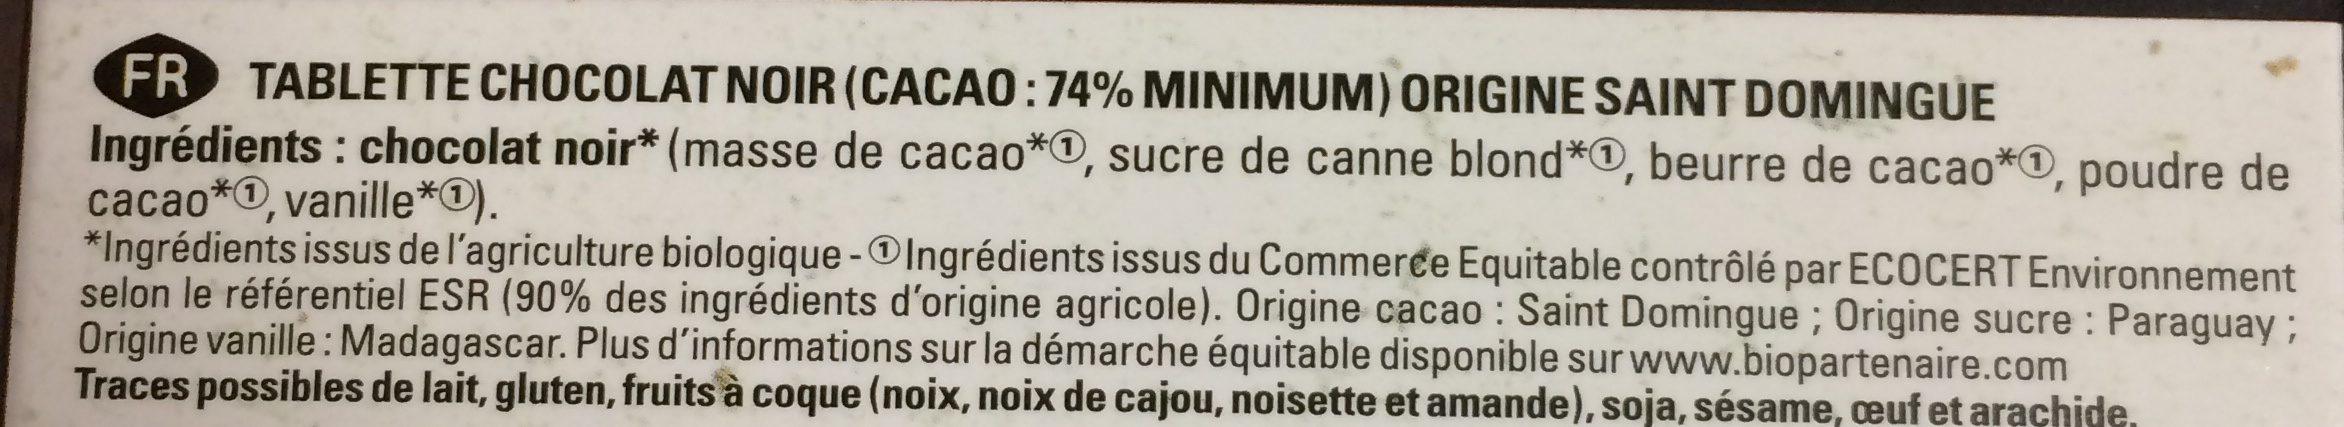 ST-DOMINGUE noir 74% - Ingrédients - fr